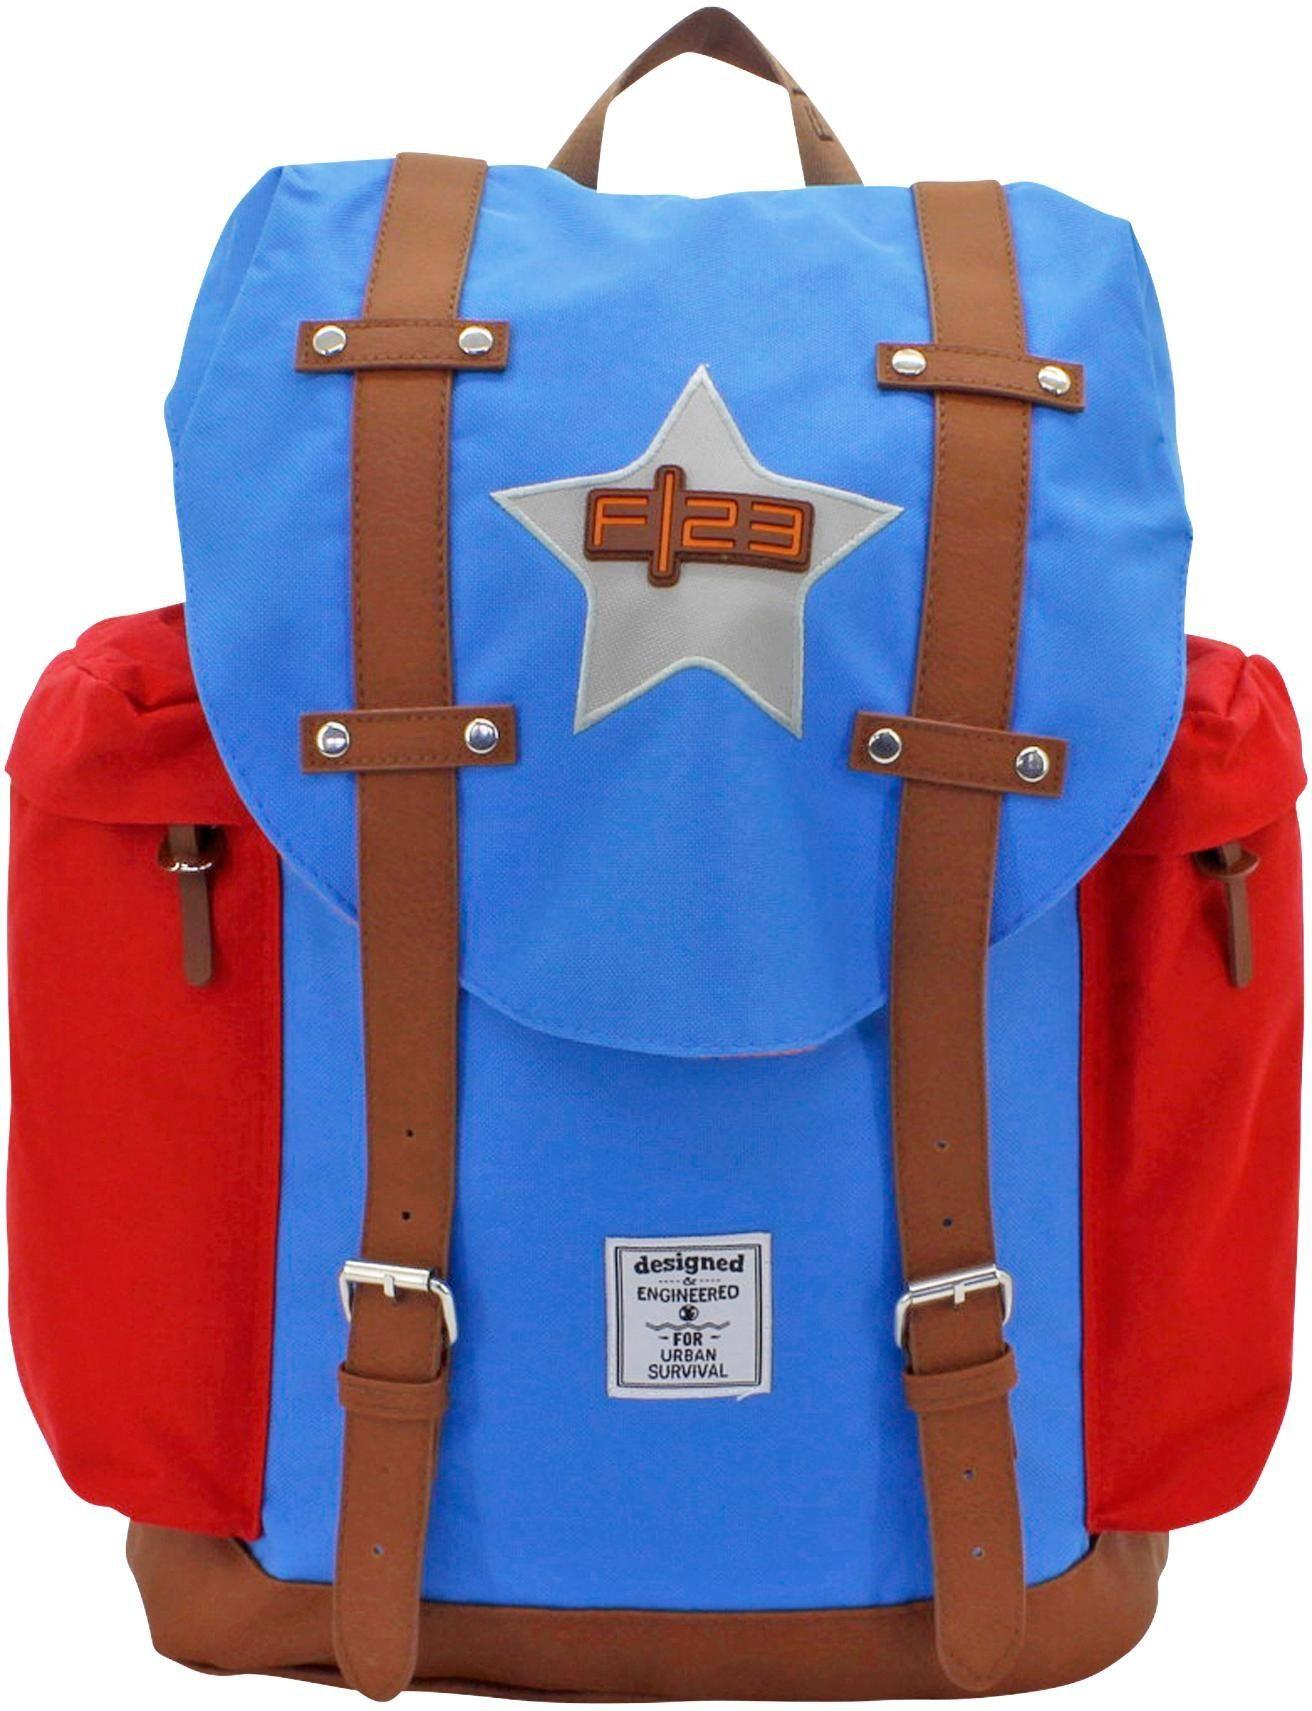 F23™ Laptoprucksack Star Technik & Freizeit/Reisegepäck & Taschen/Laptoptaschen/Laptoprucksack